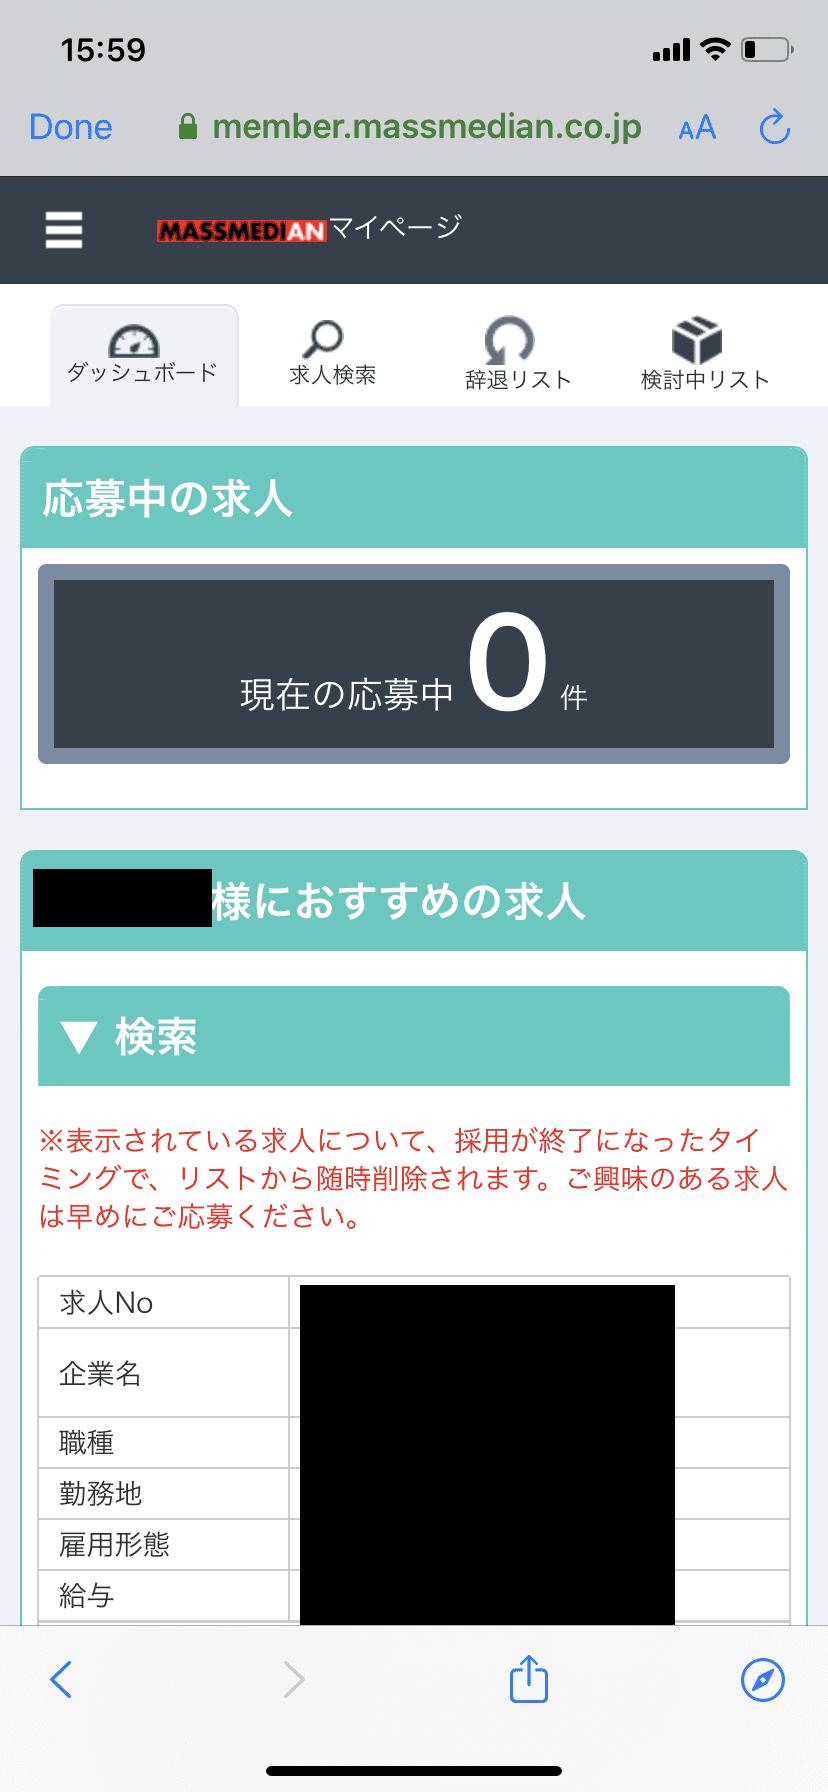 マスメディアン 東京本社